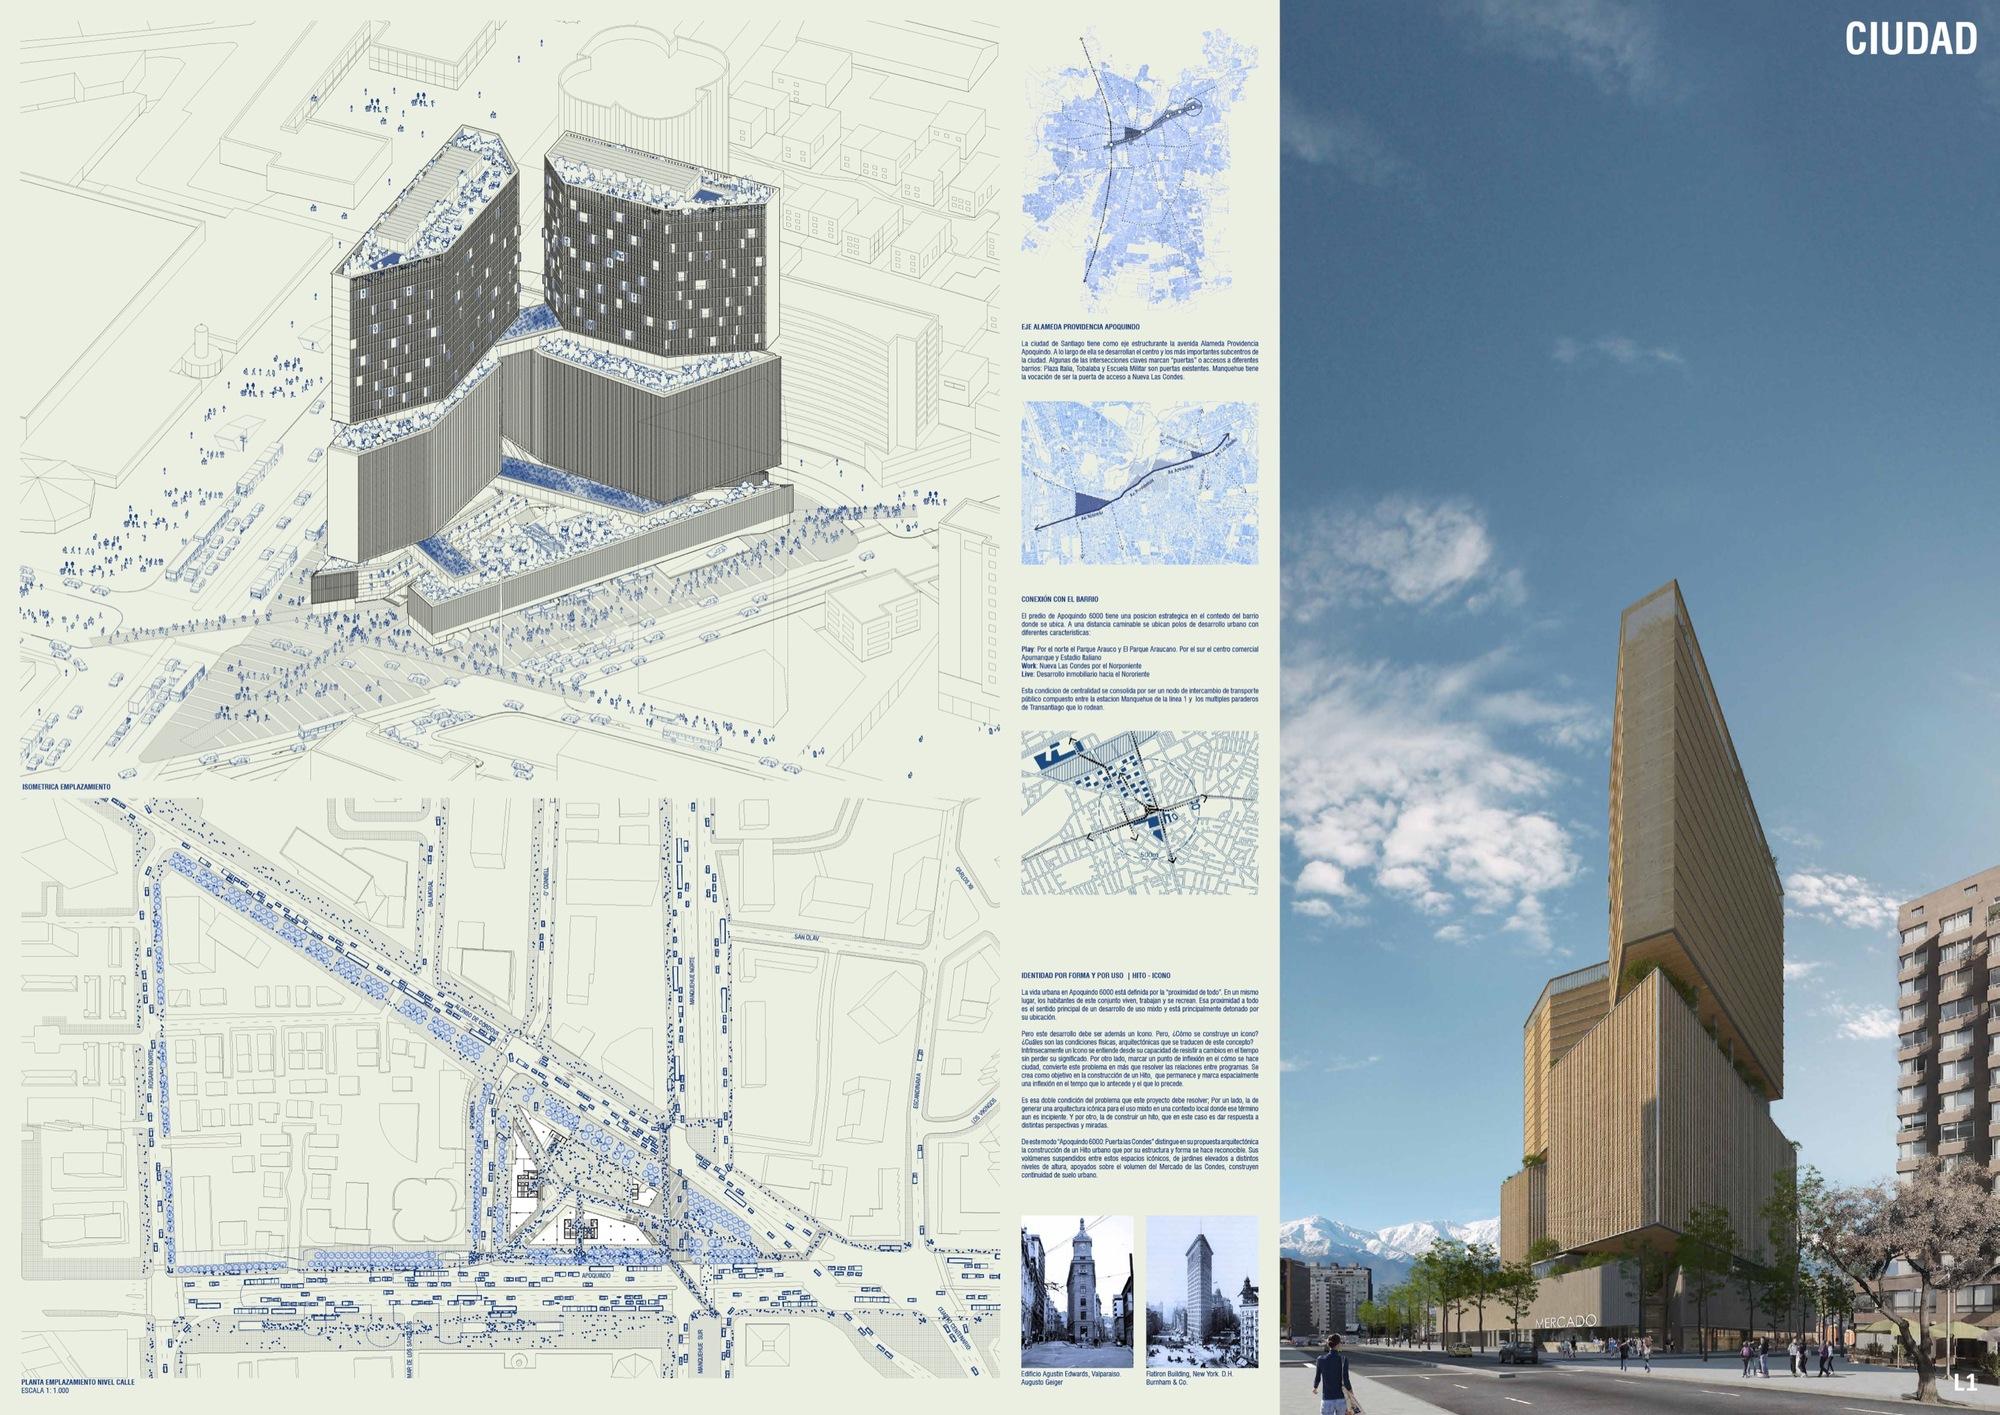 Mobil Arquitectos + ARUP, finalistas del concurso Puerta Las Condes ...